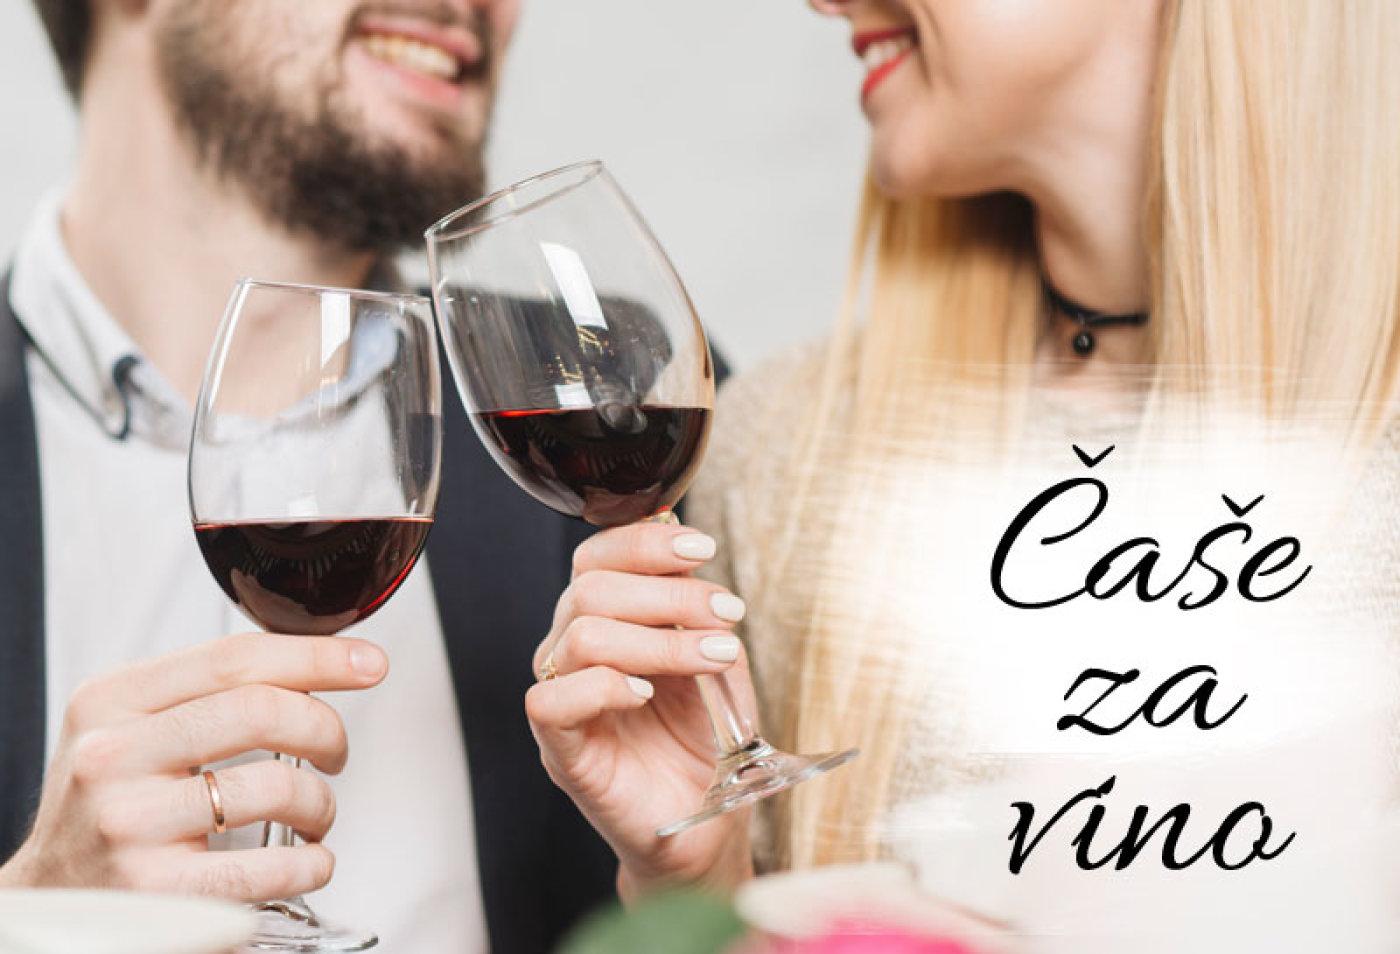 čaše za crno vino